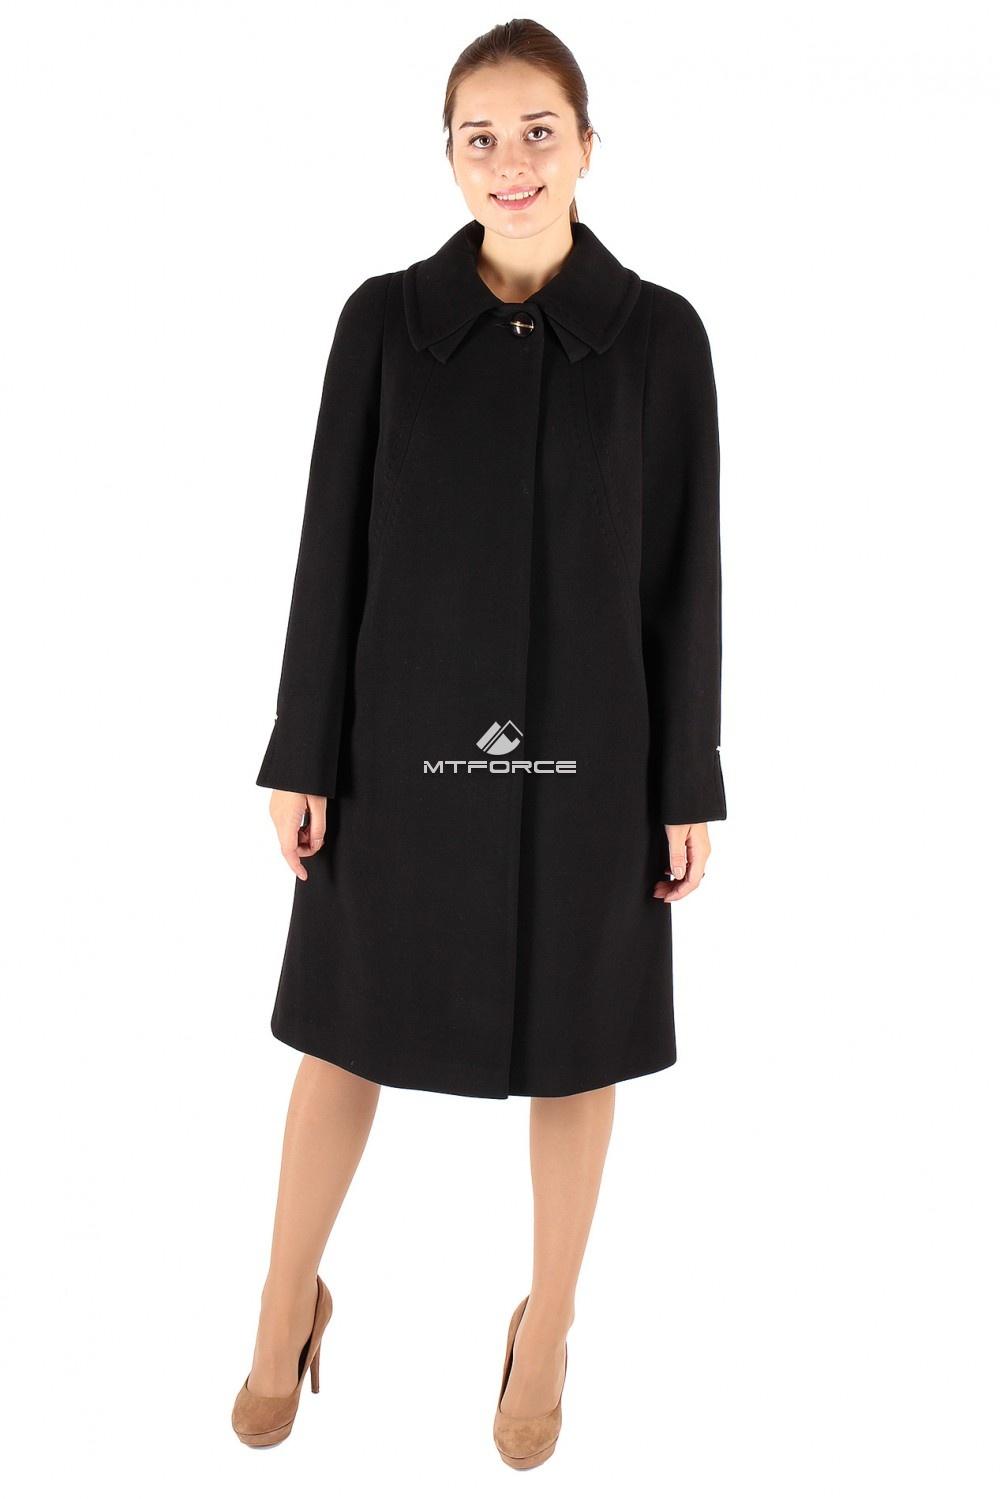 Купить                                  оптом Пальто женское черного цвета 265Сh в Санкт-Петербурге